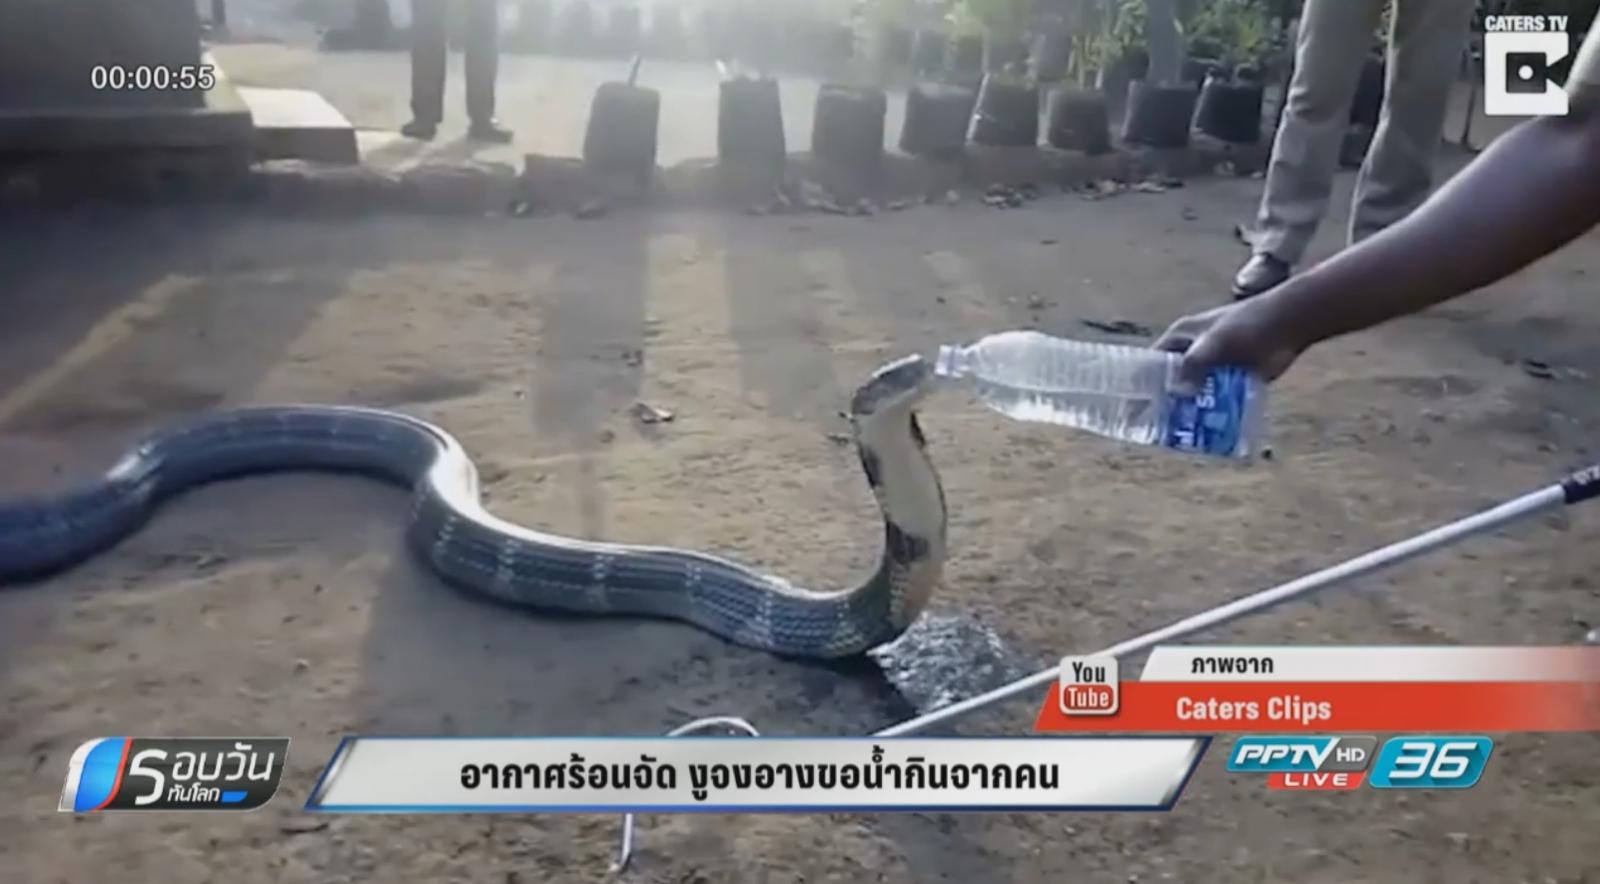 อากาศร้อนจัด งูจงอางขอน้ำกินจากคน